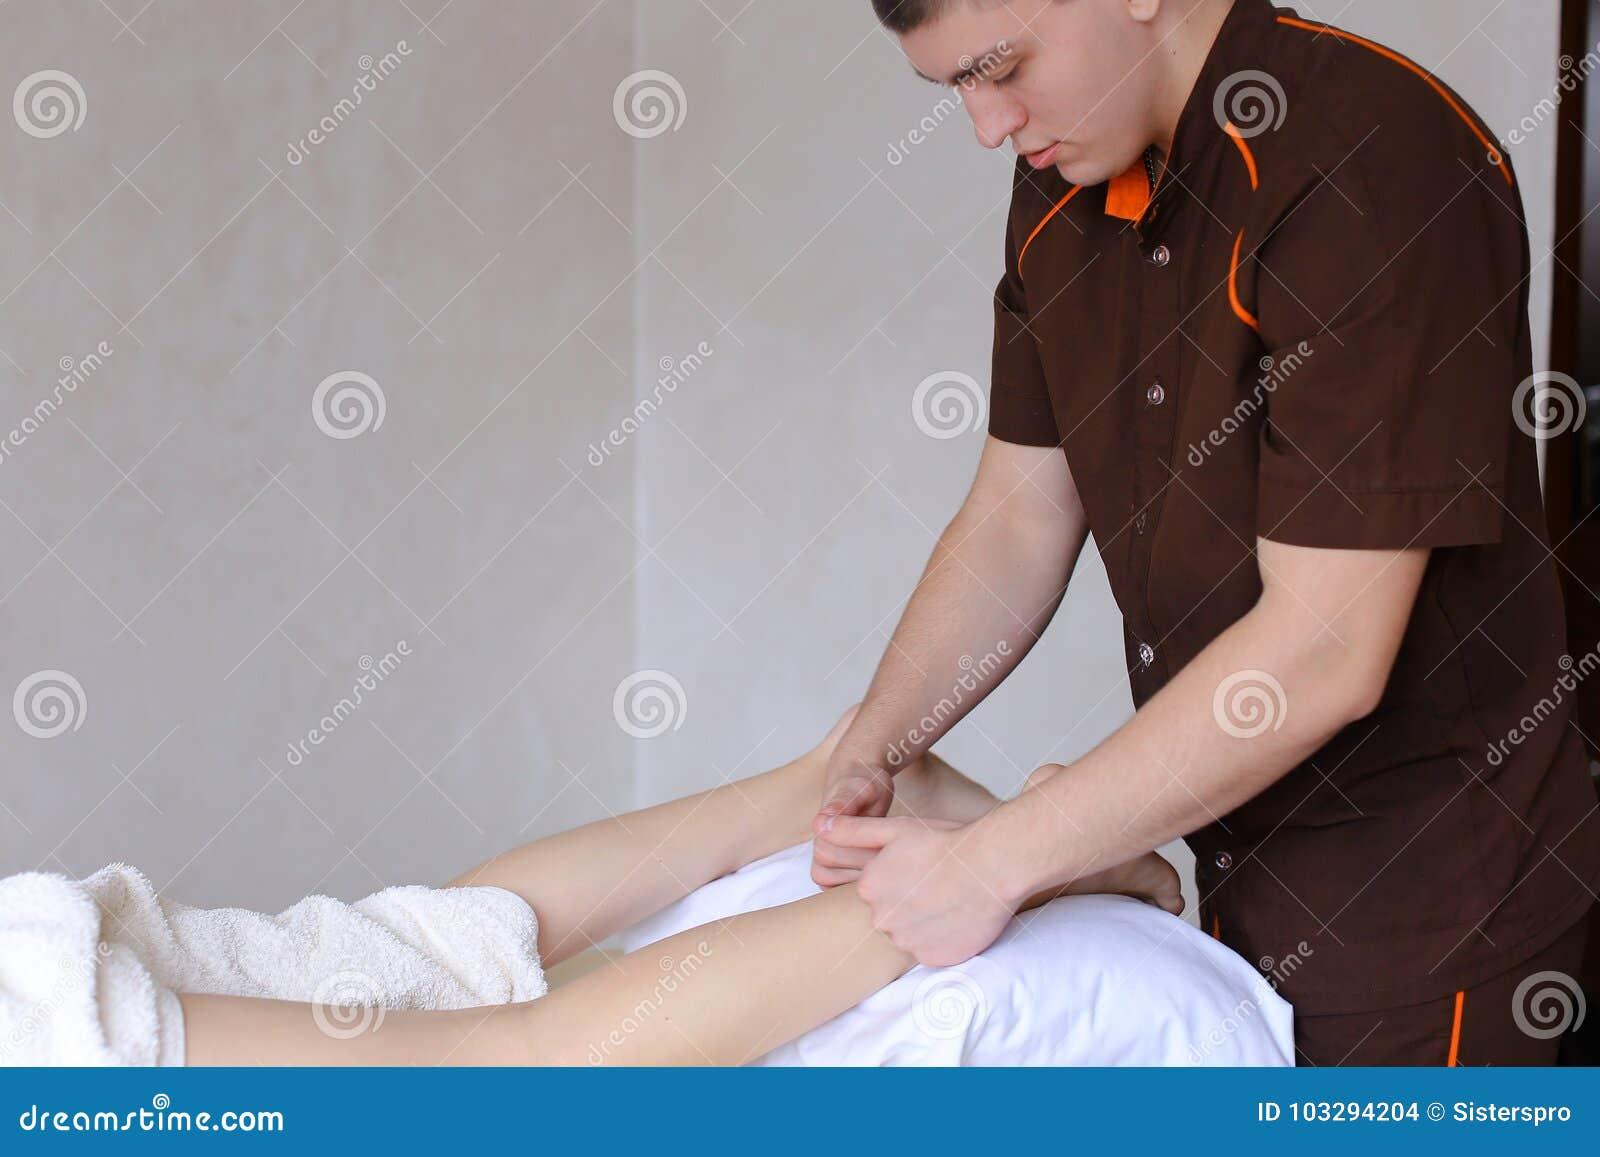 Женщины пришли на массаж — img 15